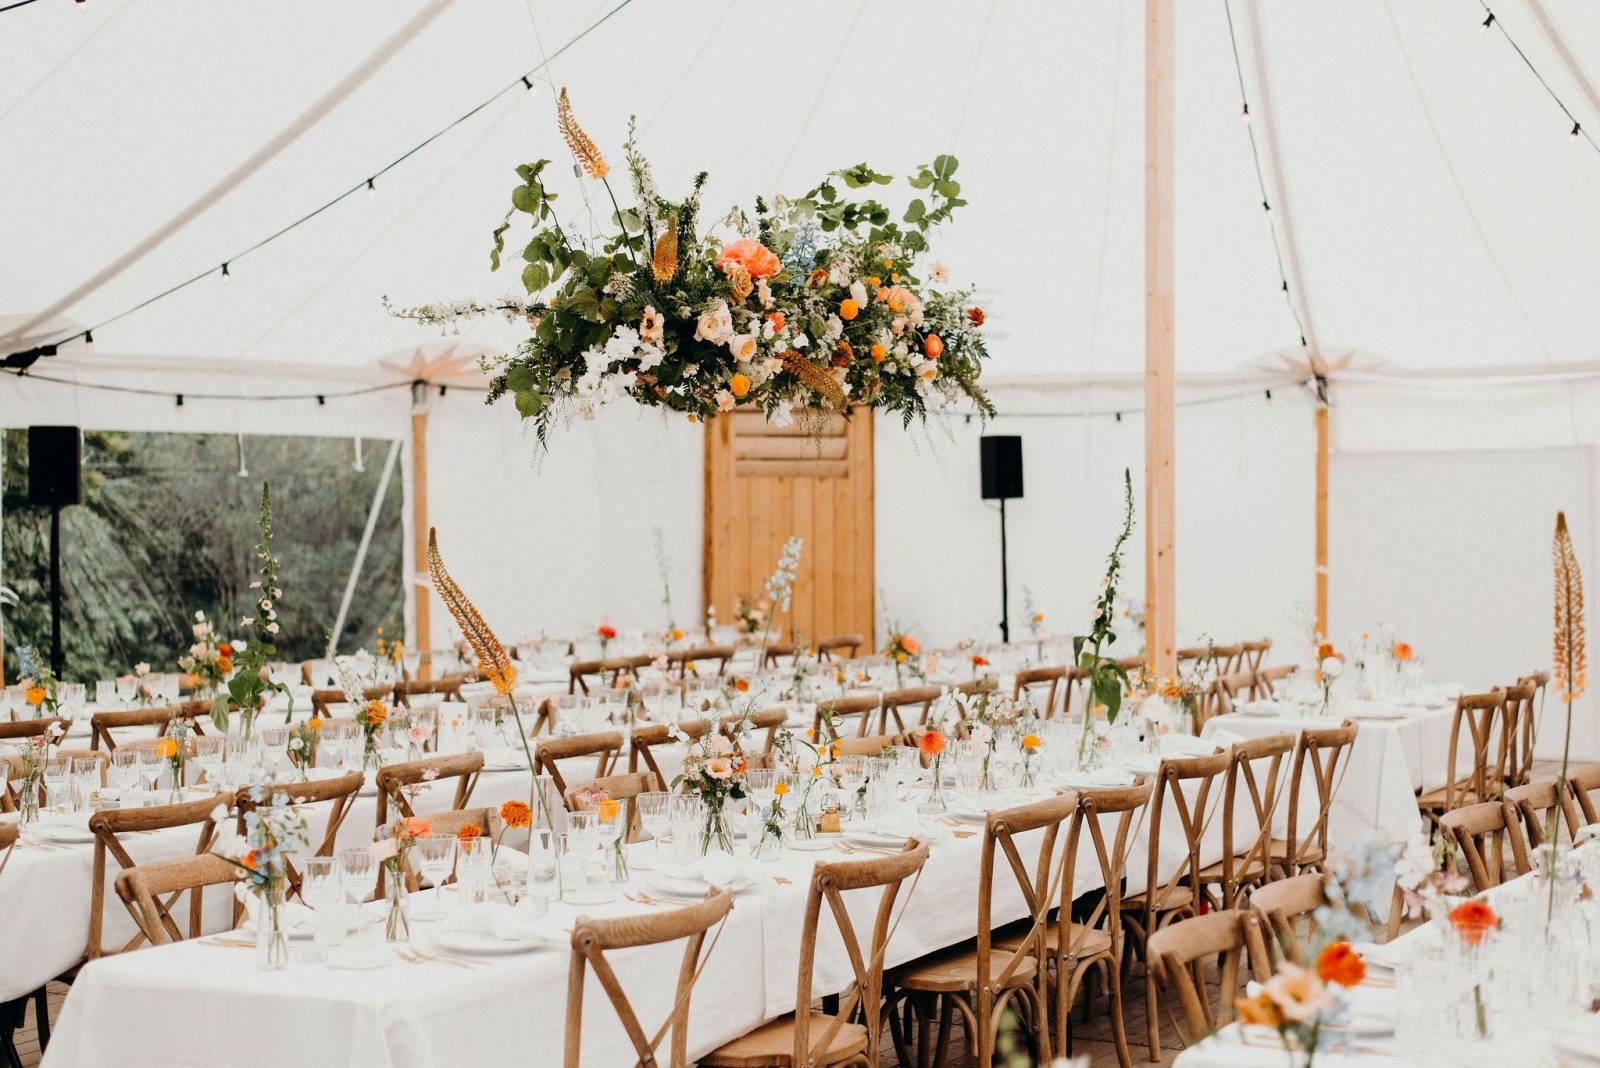 Altiro Tenten - Wedding Tent - Feesttent - Huwelijk trouw bruiloft - House of Weddings - 4